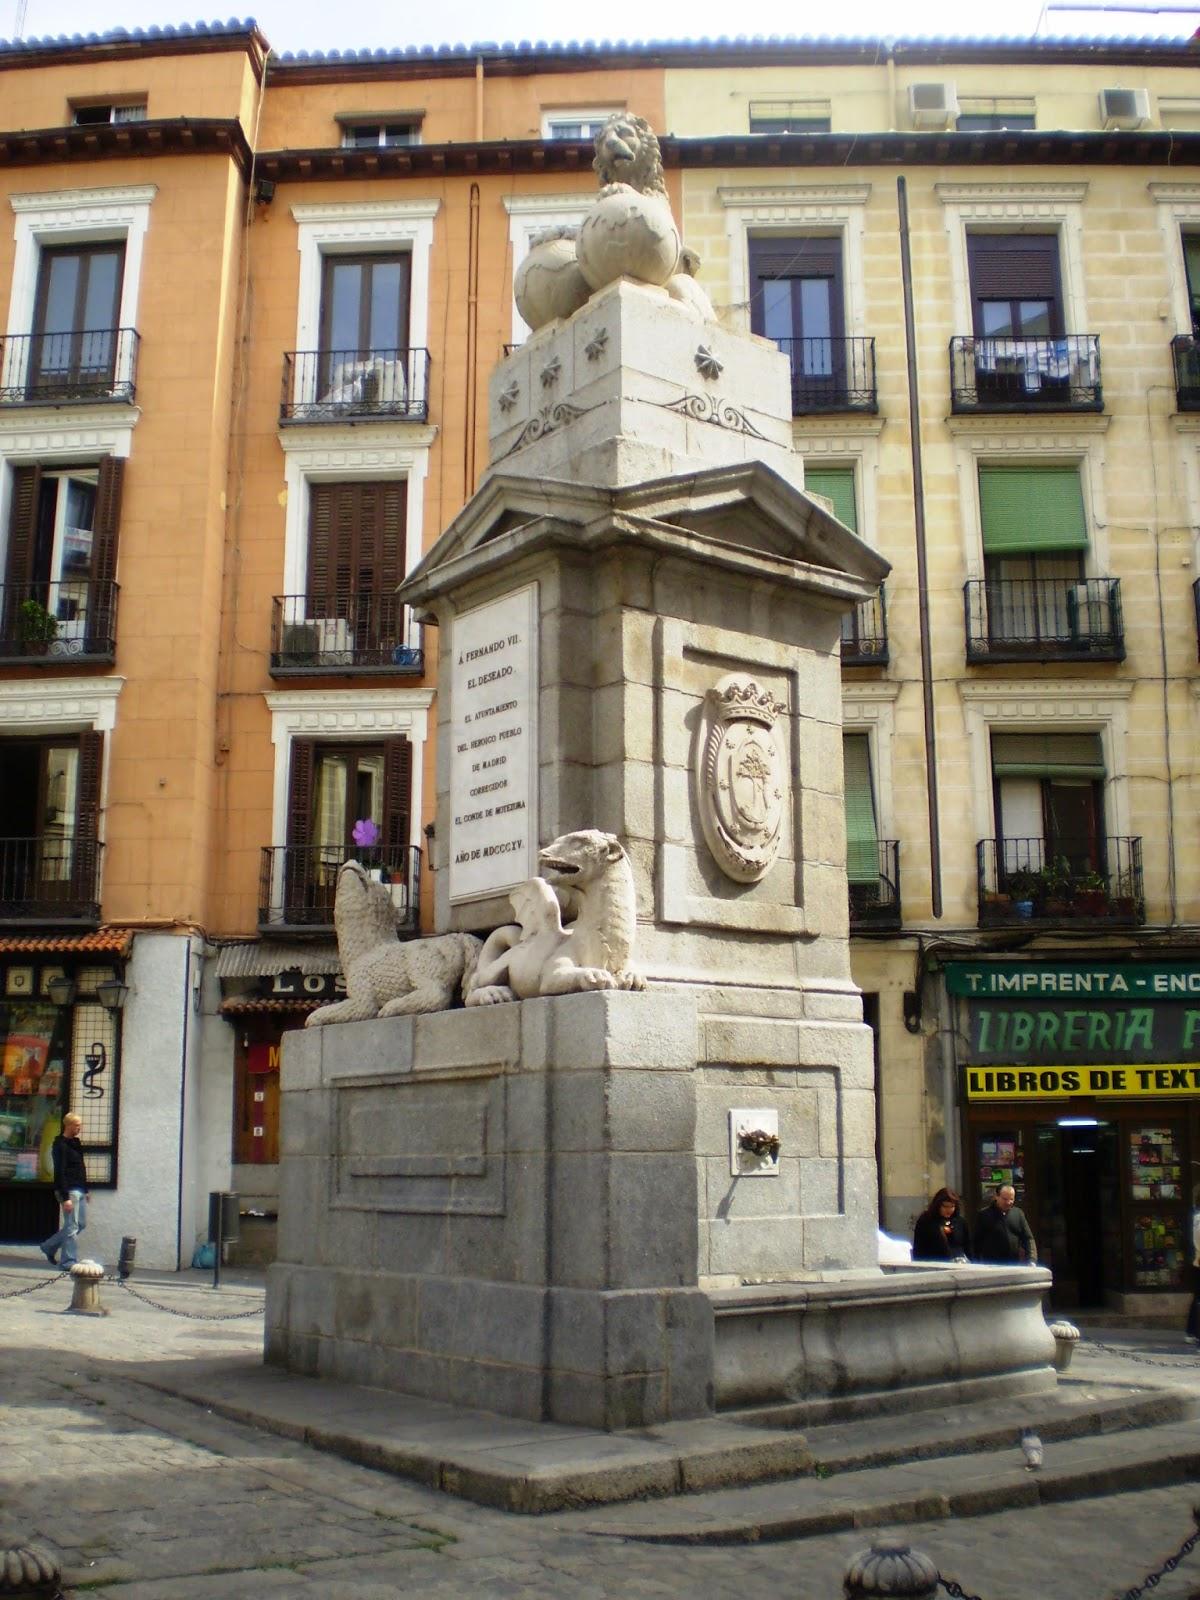 Pasi n por madrid la fuentecilla - Centro historico de madrid ...